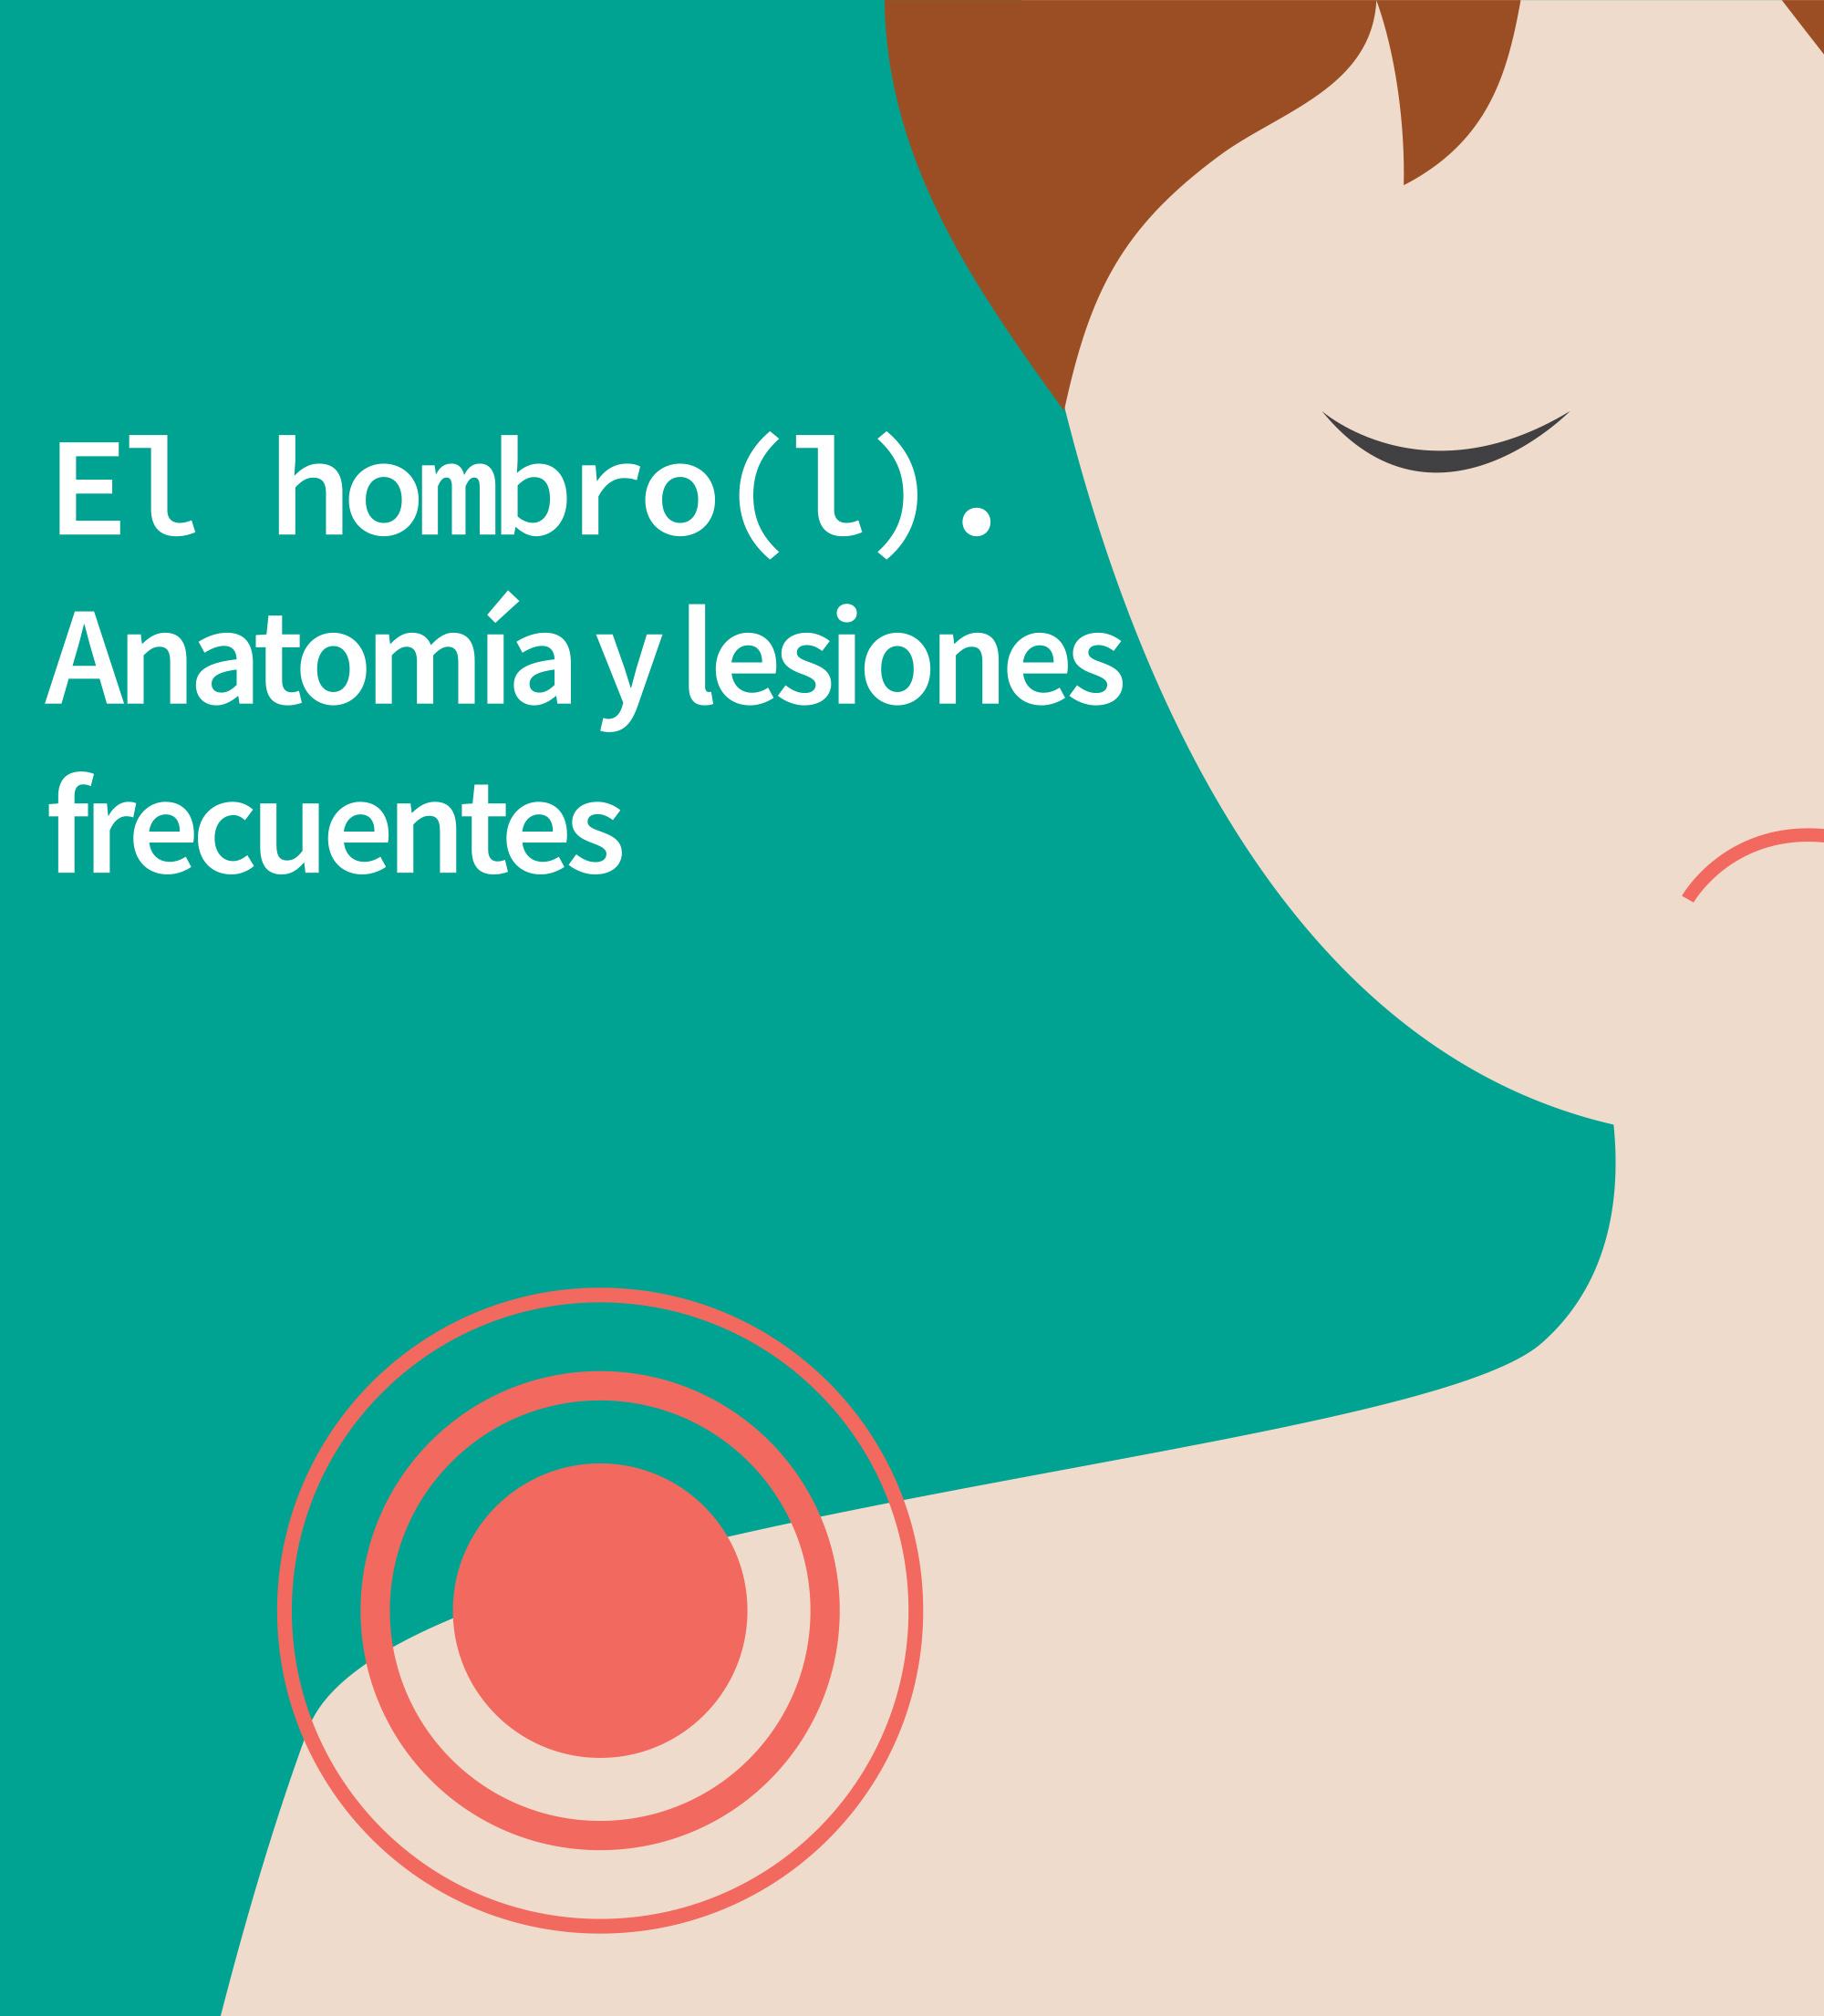 El hombro (l). Anatomía y lesiones frecuentes - Fisiosite ...